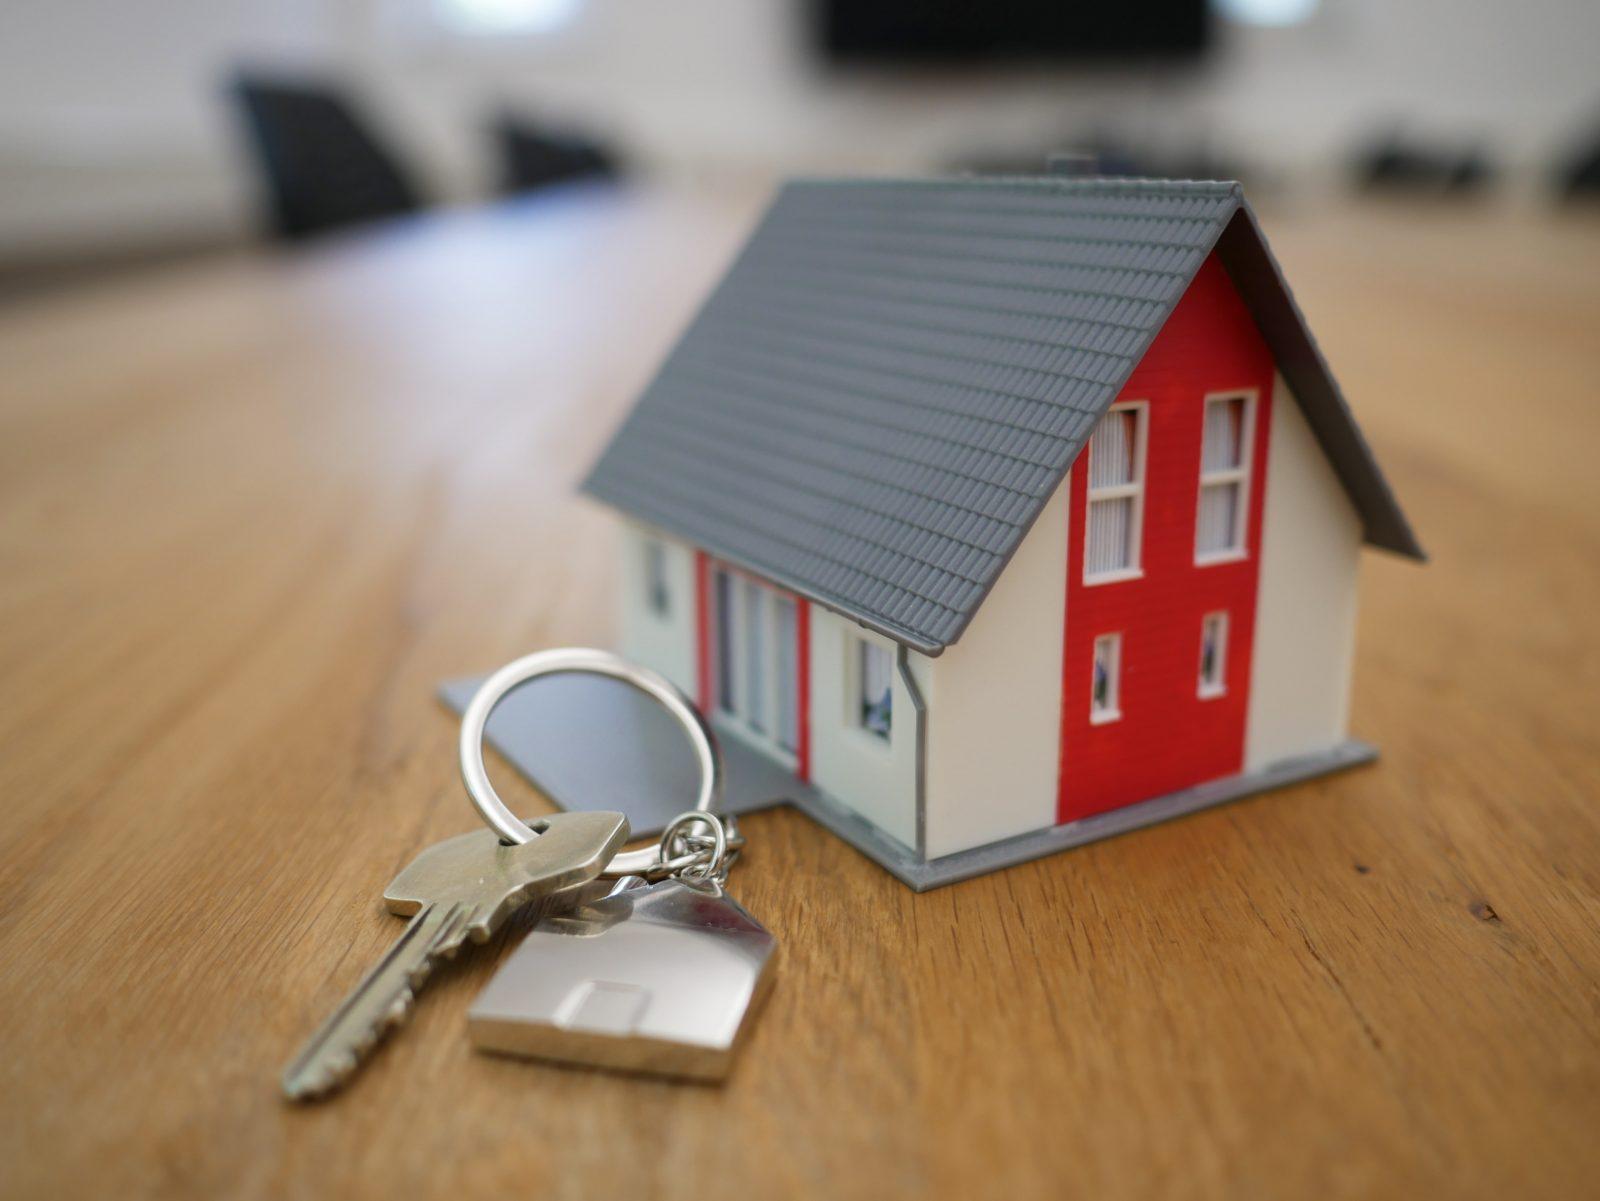 Pienoismalli talosta ja talon avaimista pöydällä